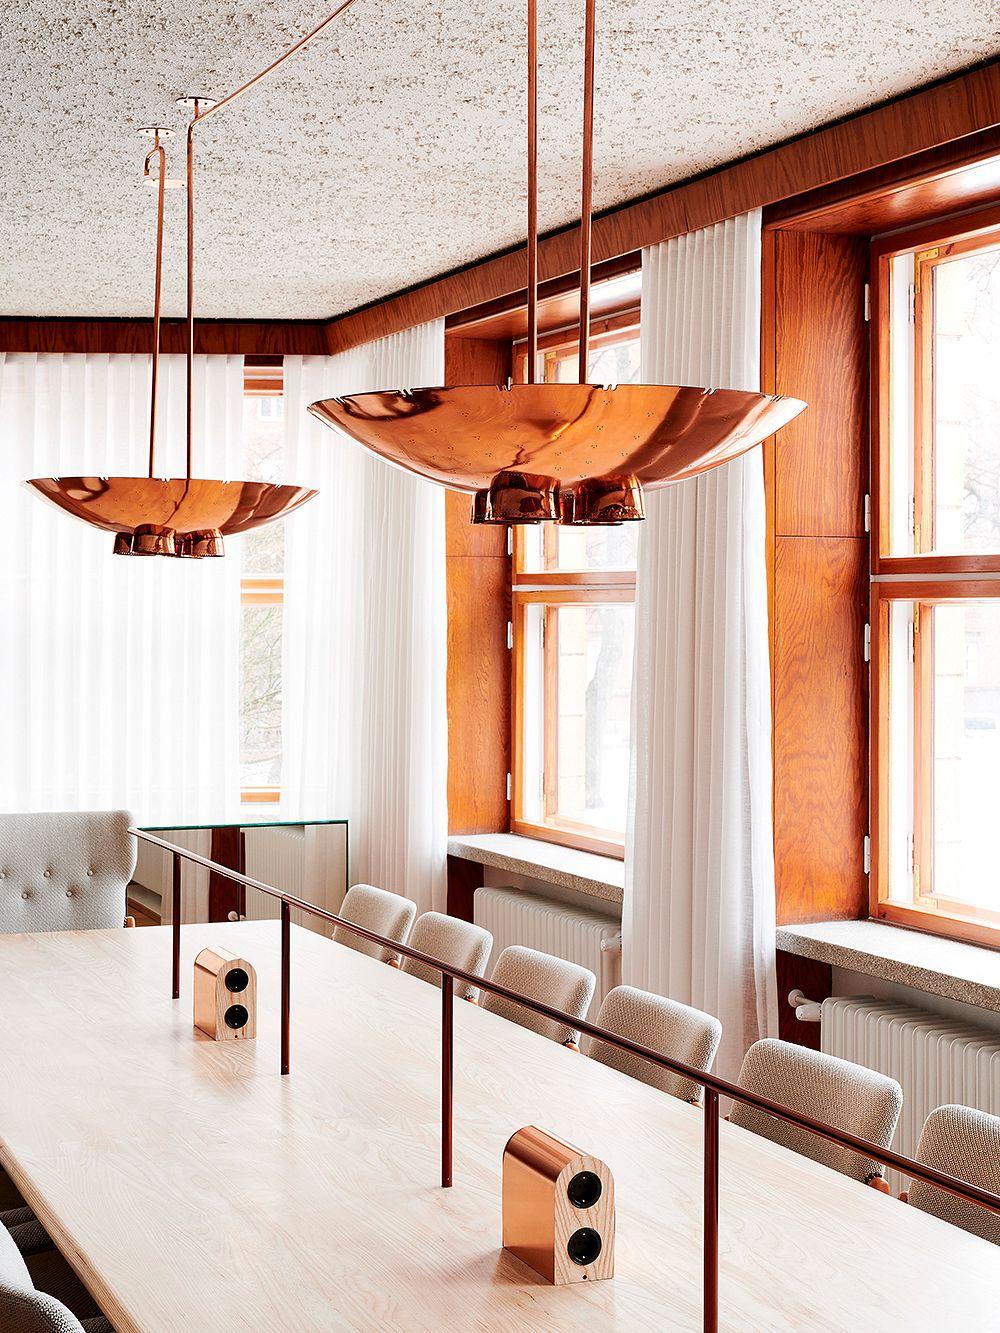 Helsinki School of Economics meeting room